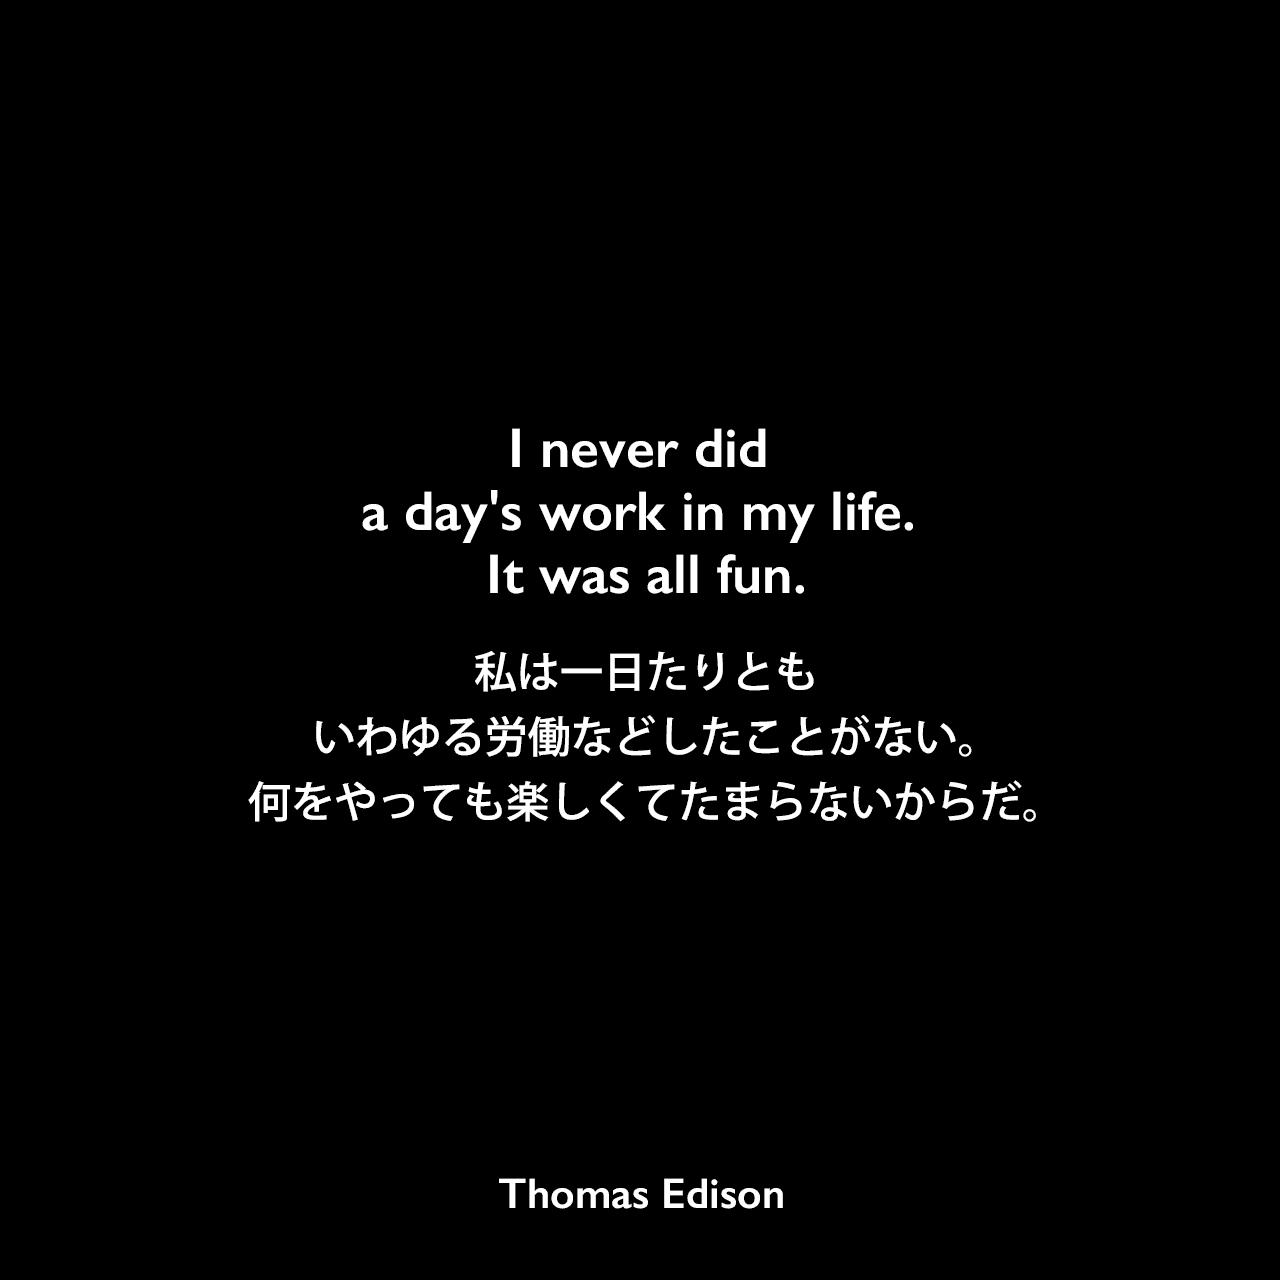 I never did a day's work in my life. It was all fun.私は一日たりとも、いわゆる労働などしたことがない。何をやっても楽しくてたまらないからだ。